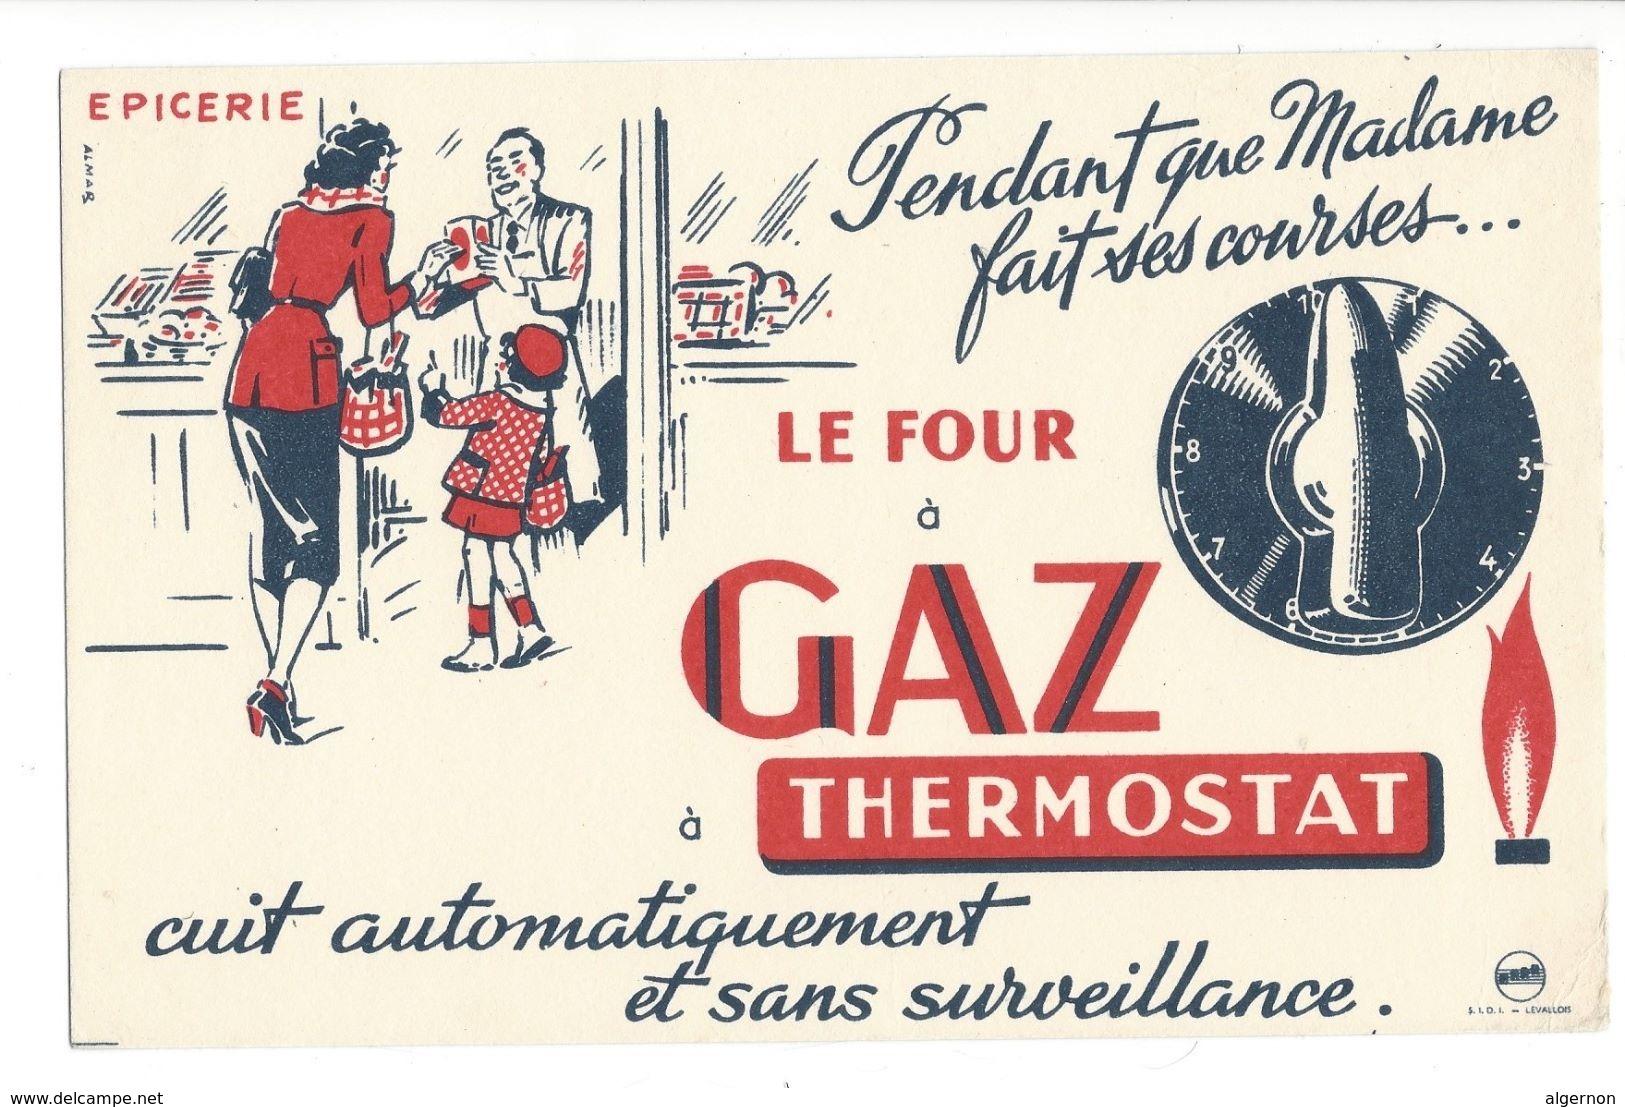 B1 - Epicerie Pendant Que Madame Fait Ses Courses Le Four à Gaz Thermostat Cuit - Electricité & Gaz